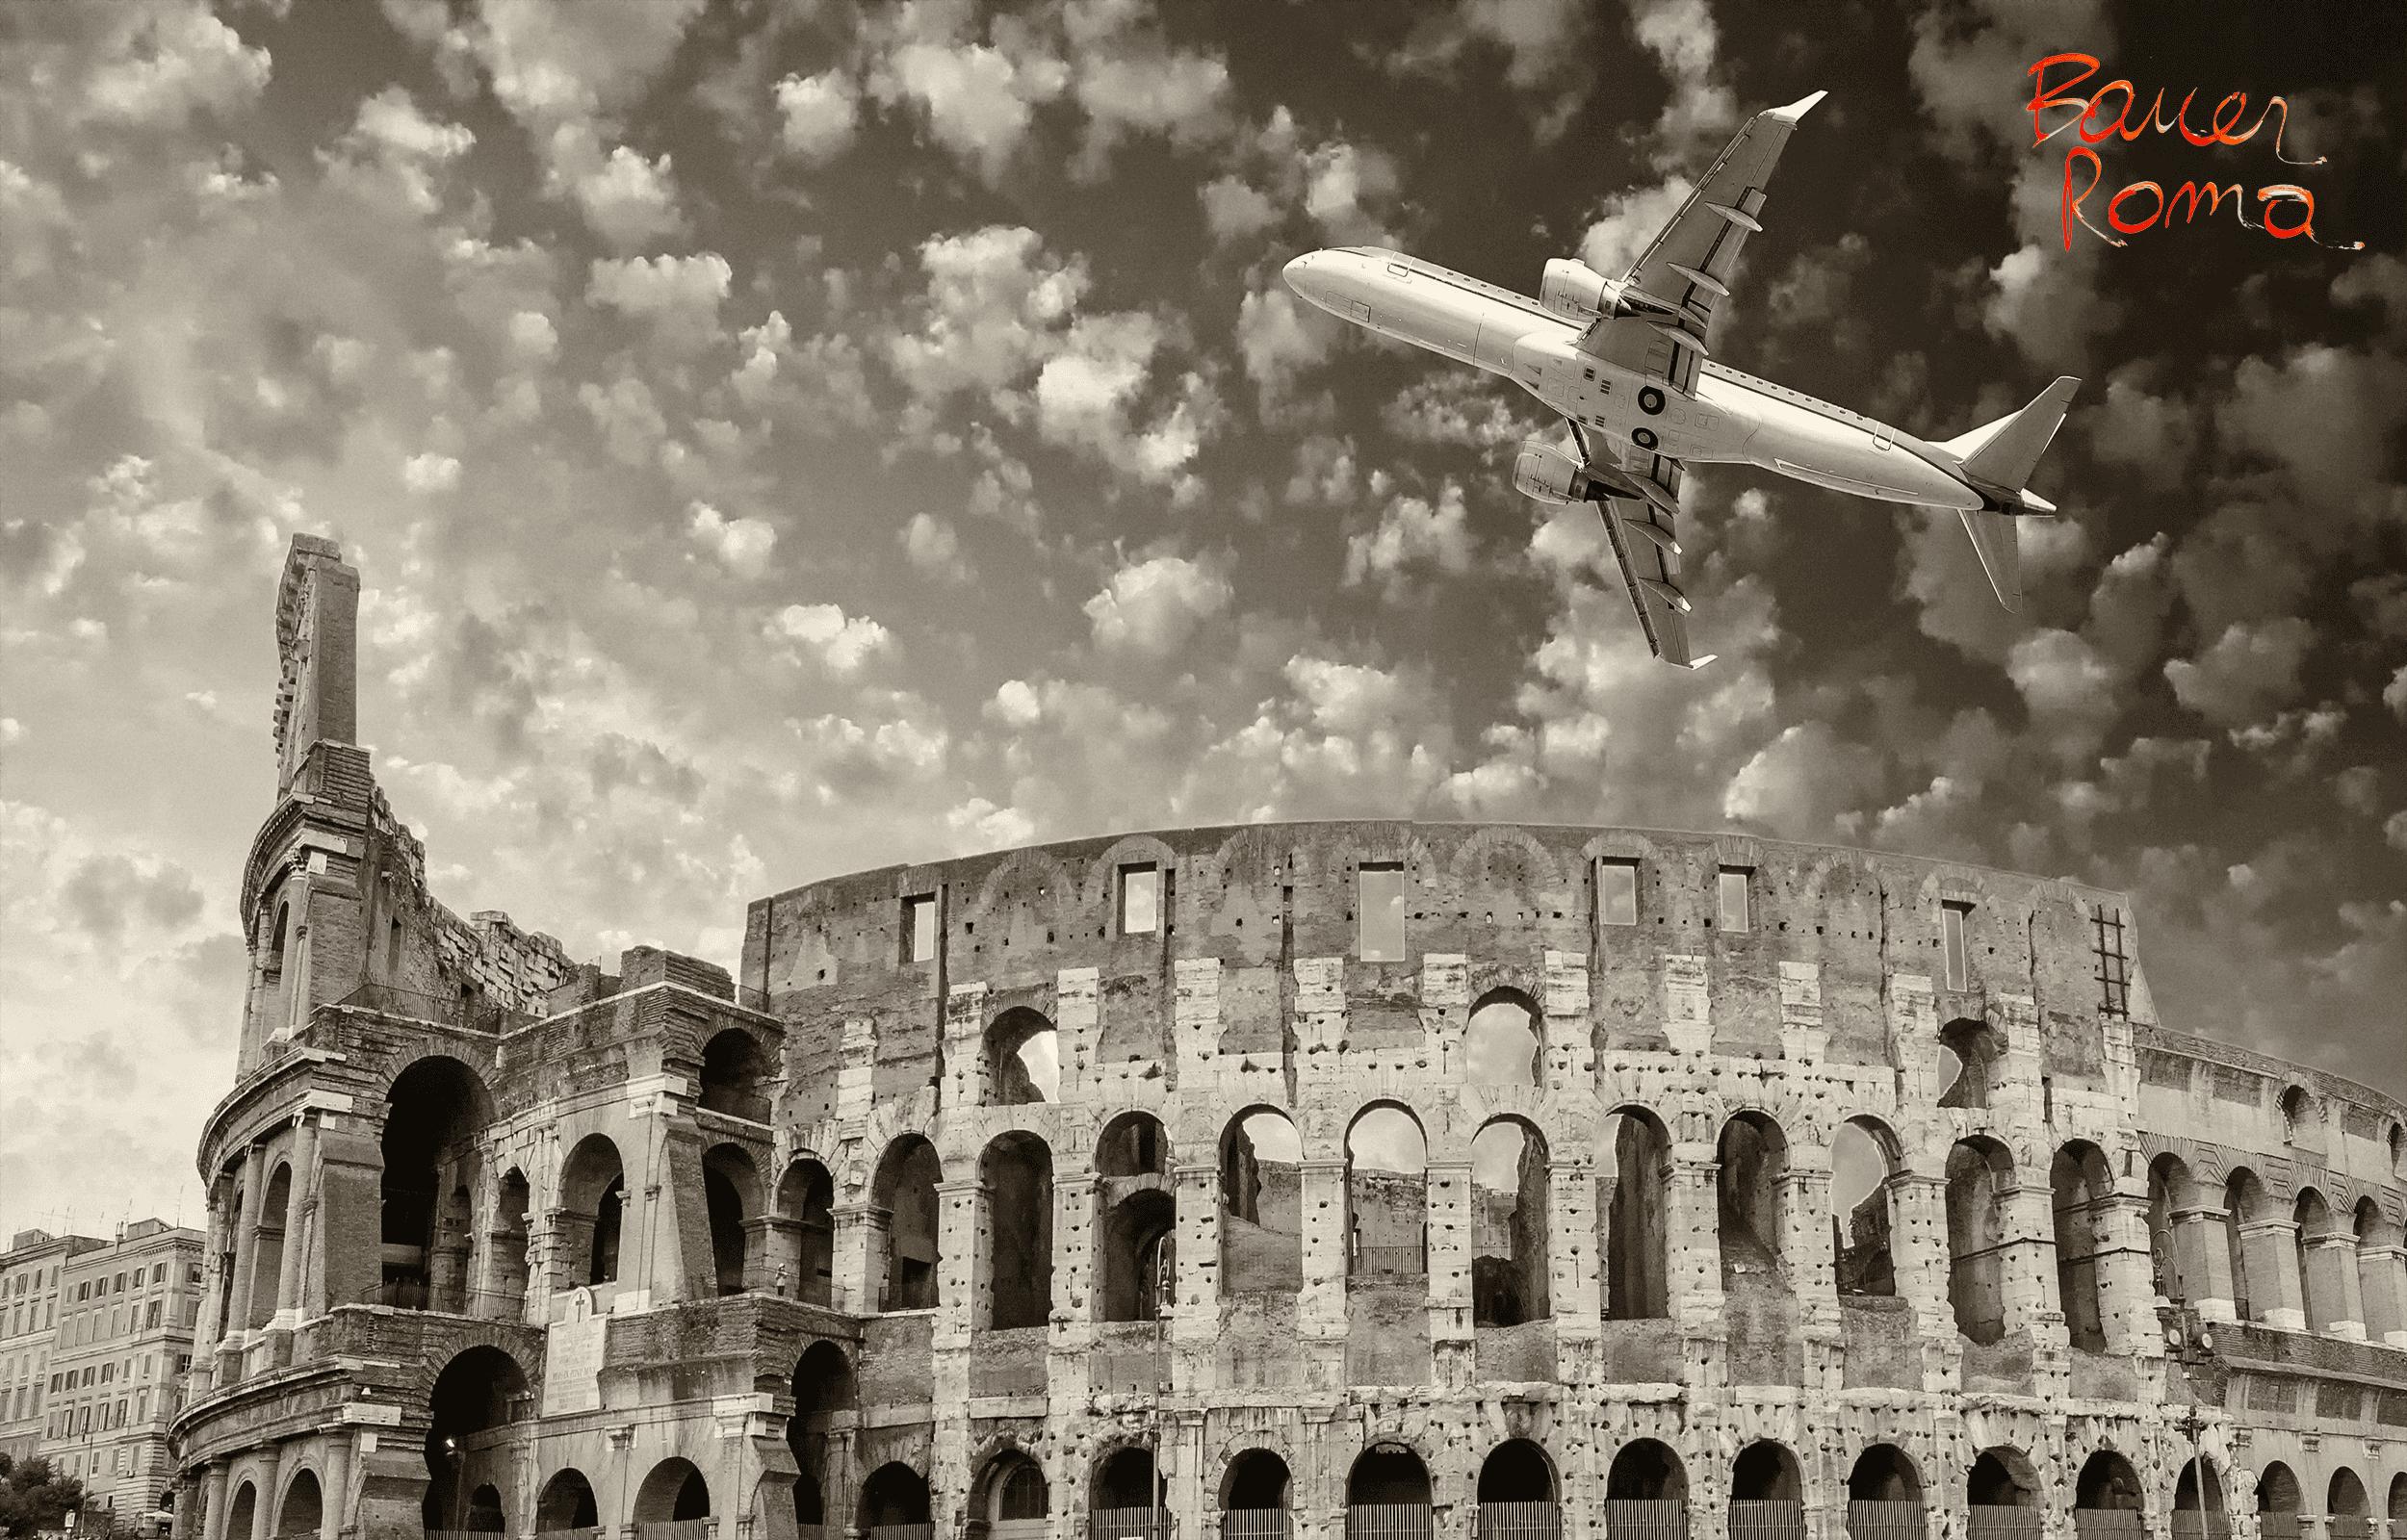 colosseo romano dal basso con aereo che vola